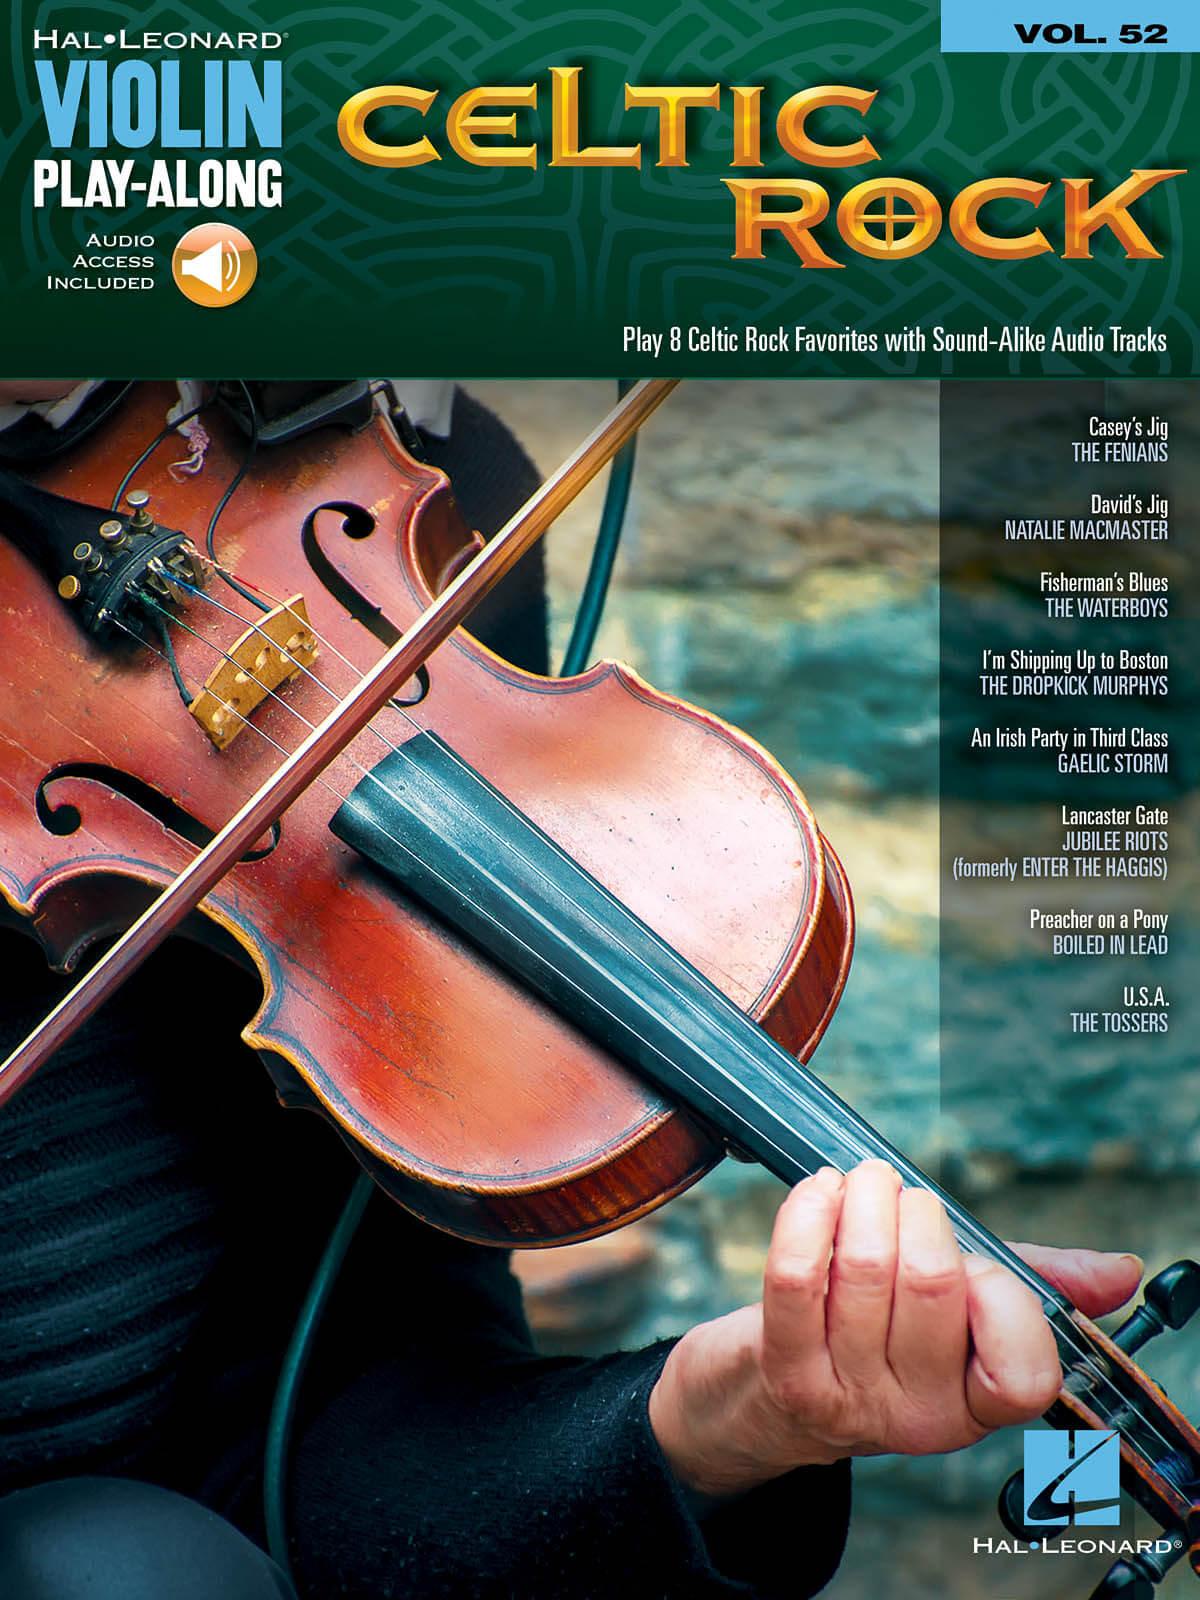 Violin Play-Along Vol.52 Celtic Rock